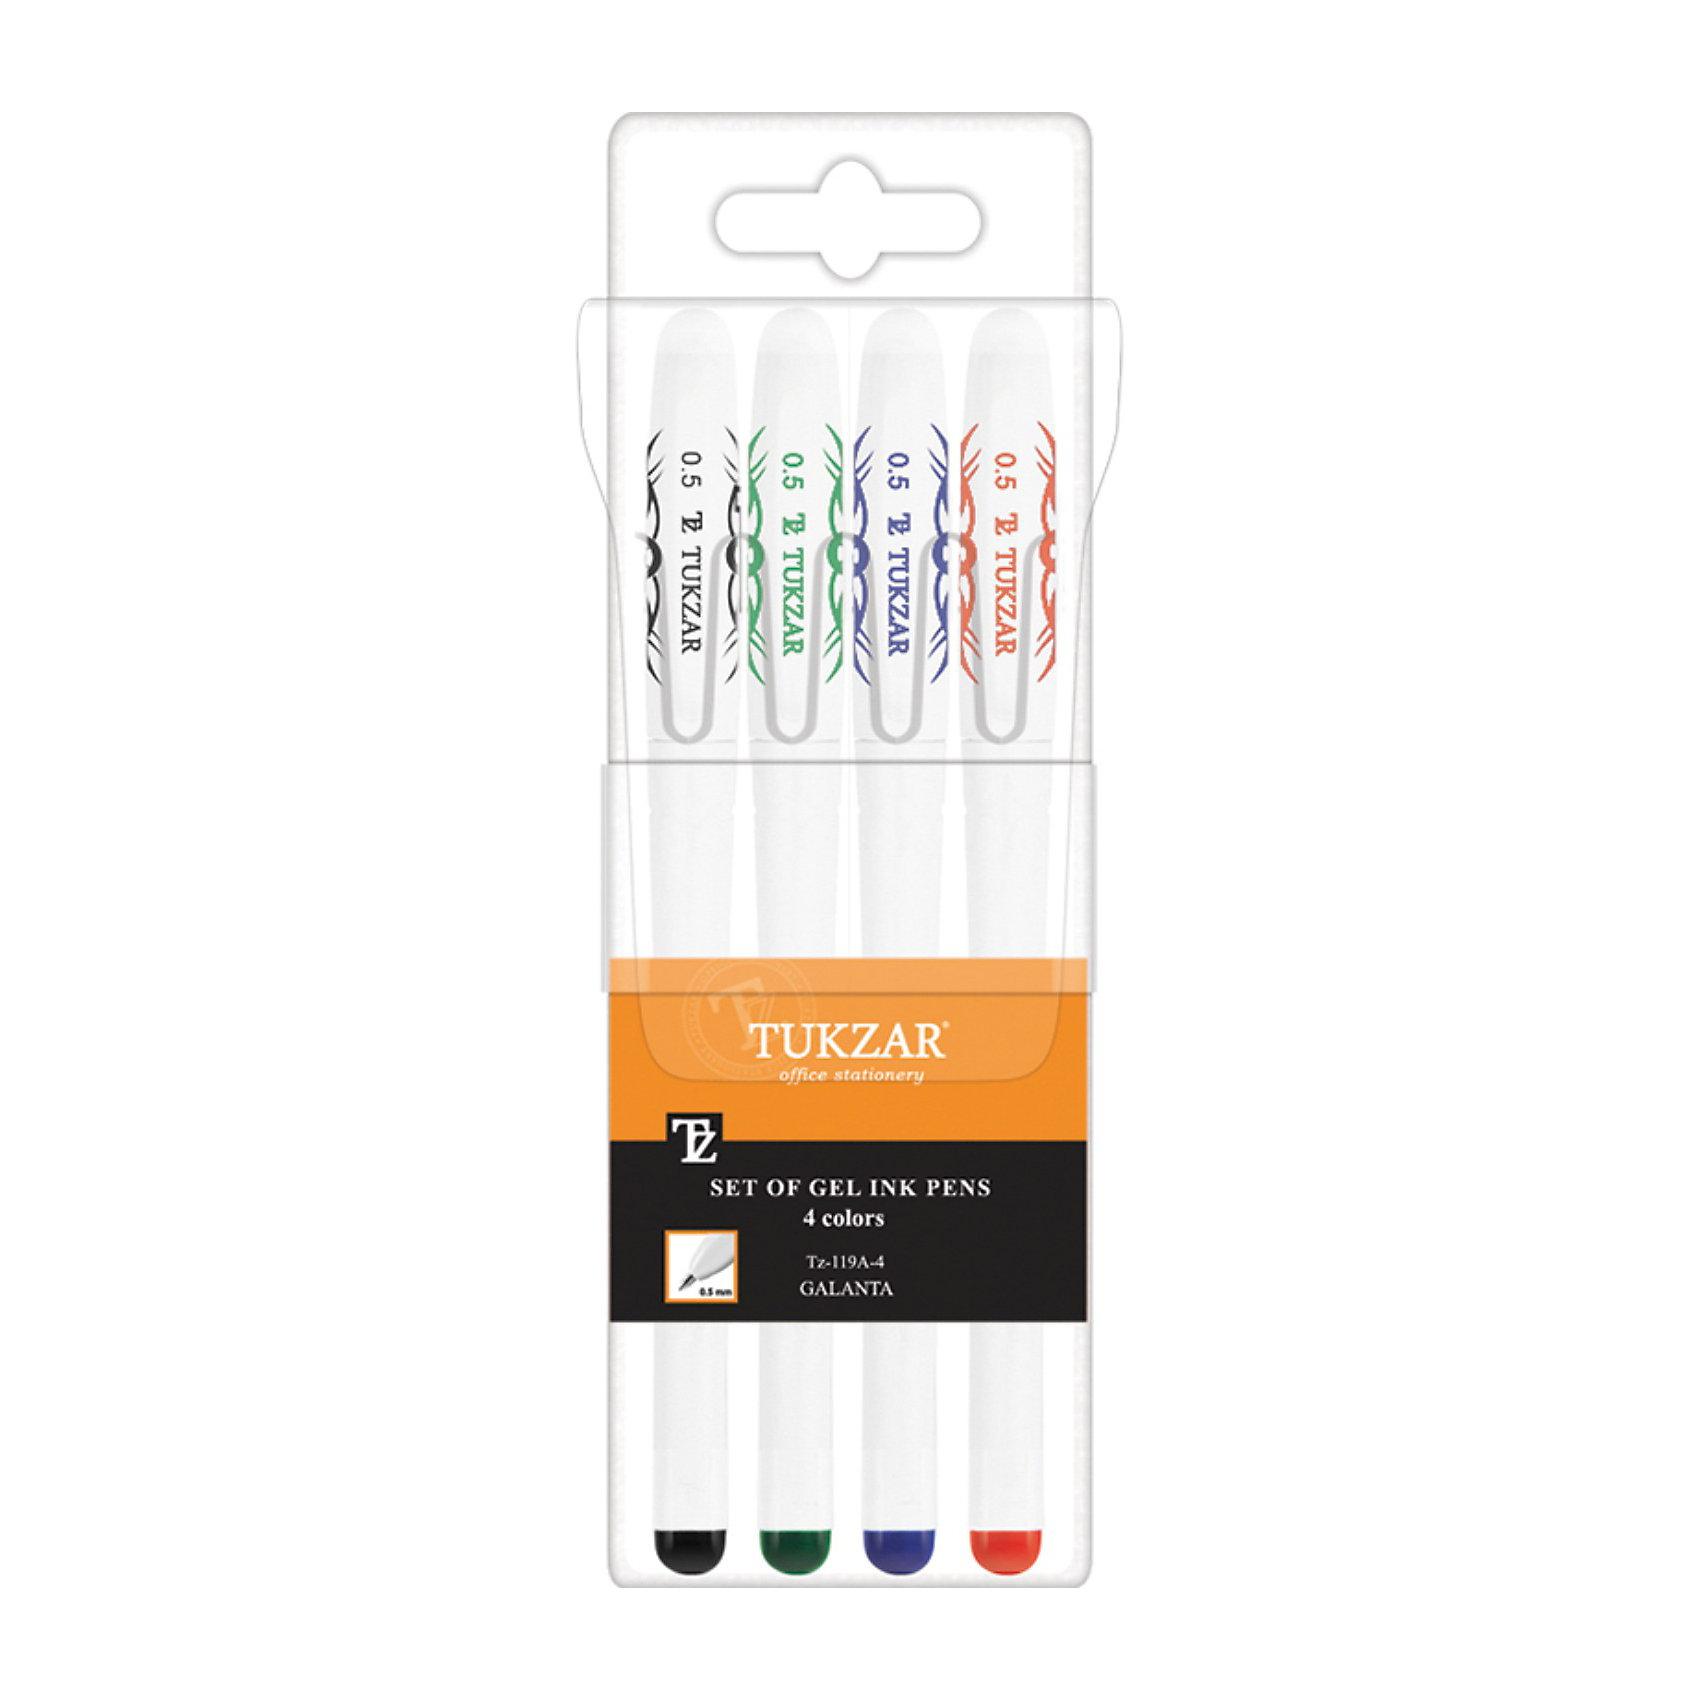 Набор гелевых ручек: 4 цвета, флуоресцентныеПисьменные принадлежности<br>Набор гелевых ручек: Белый пластиковый корпус; рельефный цветной резиновый держатель (цвет соответствует цвету чернил); колпачок с клипом; толщина пишущего наконечника - 0,5 мм; 4 цвета, в прозрачной упаковке с европодвесом.<br><br>Ширина мм: 175<br>Глубина мм: 57<br>Высота мм: 15<br>Вес г: 52<br>Возраст от месяцев: 36<br>Возраст до месяцев: 1188<br>Пол: Унисекс<br>Возраст: Детский<br>SKU: 3098108